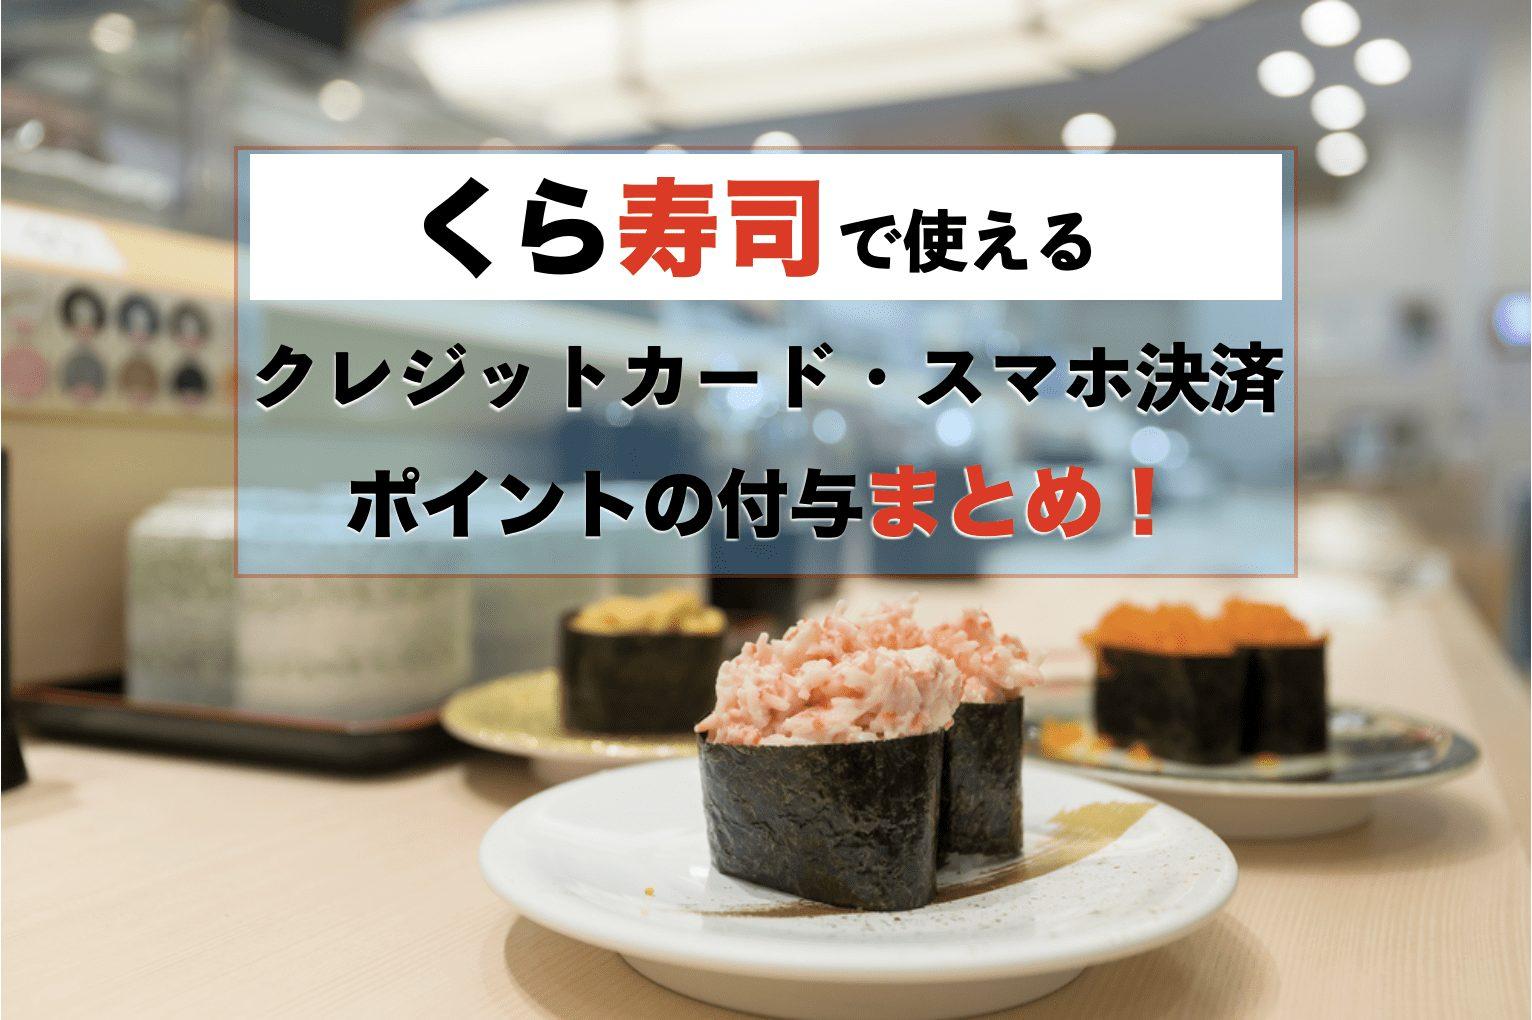 くら寿司で使えるクレジットカード